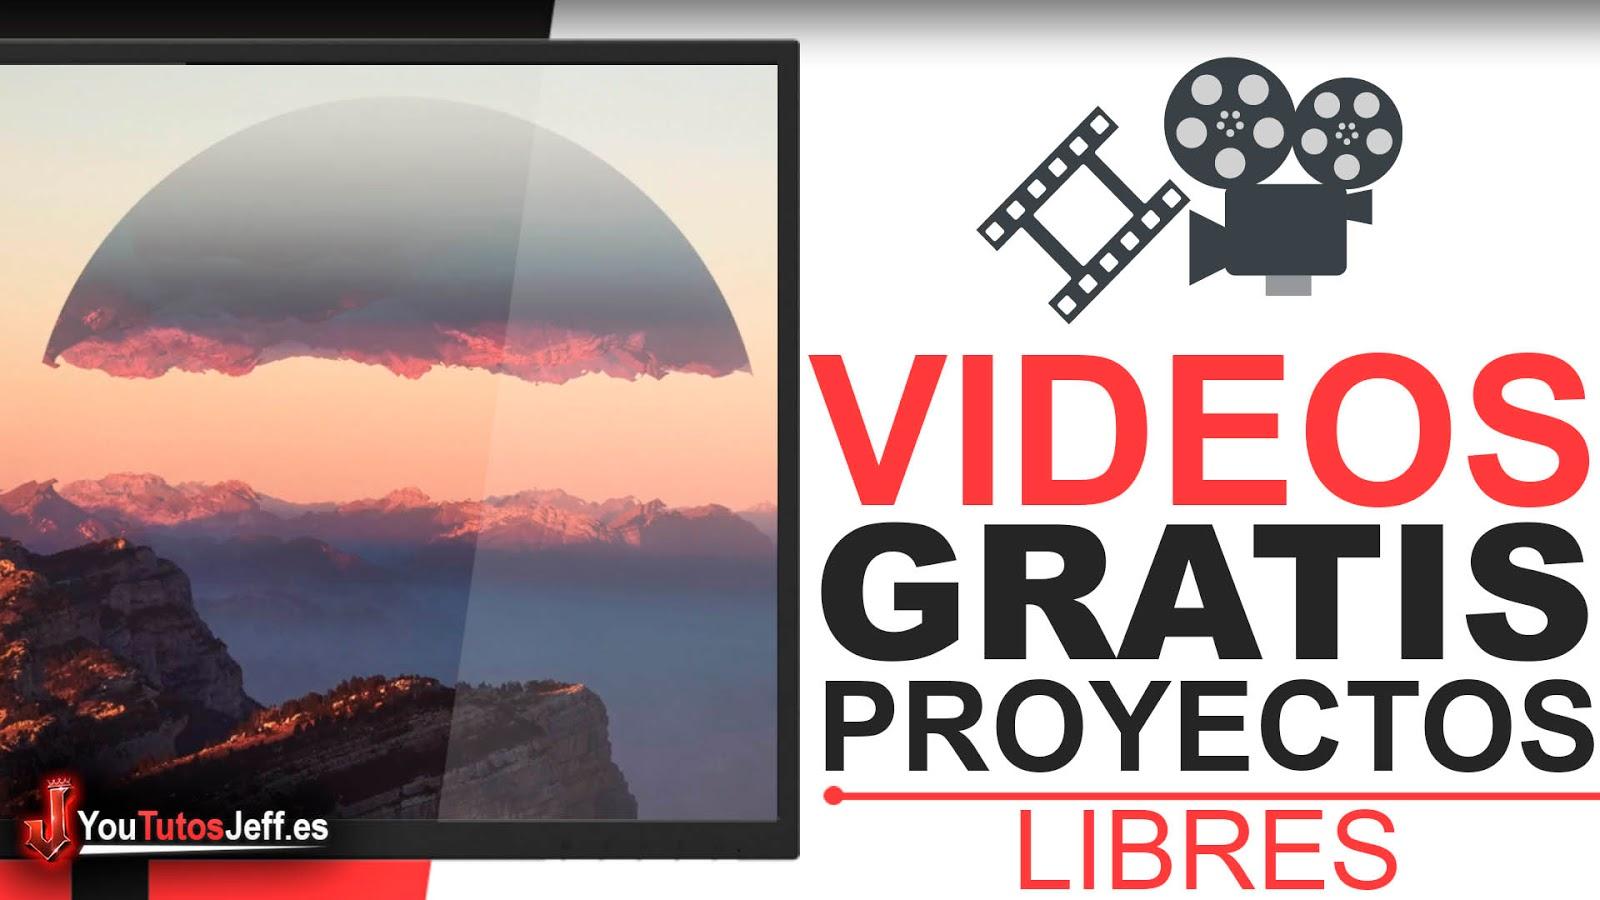 Descargar Vídeos Gratis para tus Proyectos - Videos Libres de Derechos de Autor